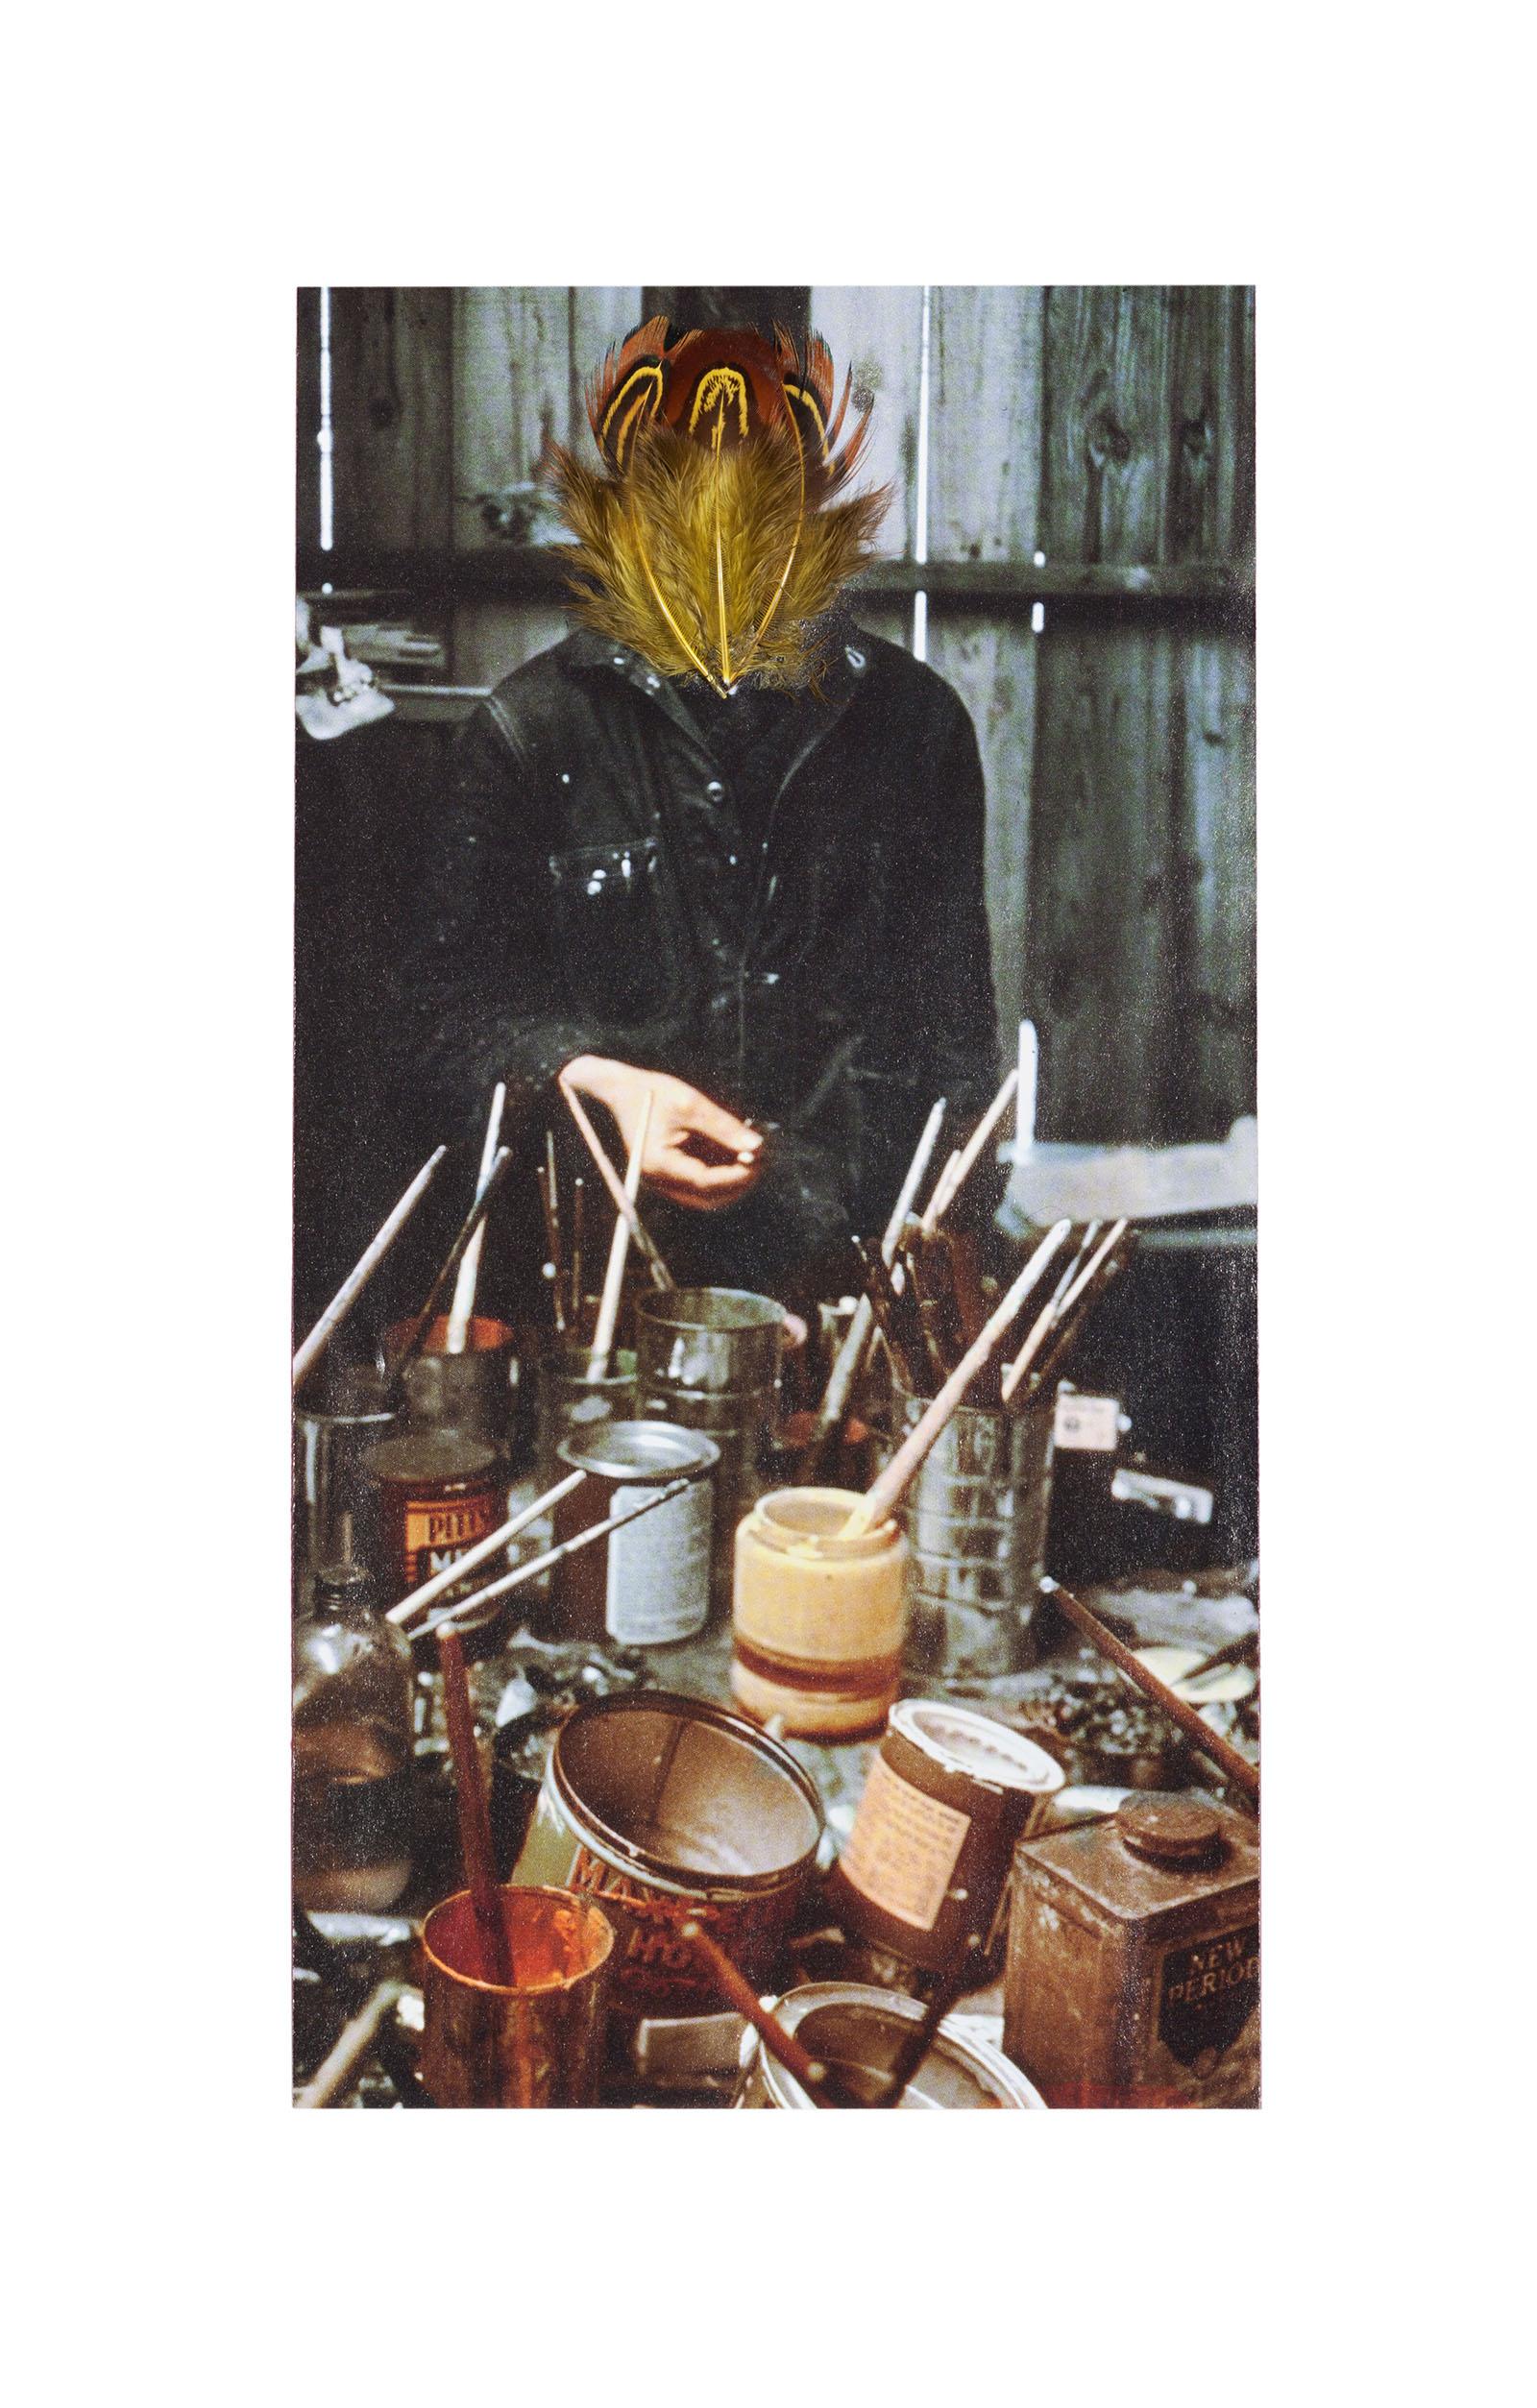 """o.T. aus """"Buben"""", 2014, ca. 28 x 20,5 cm, Federassemblage auf Magazinseite"""